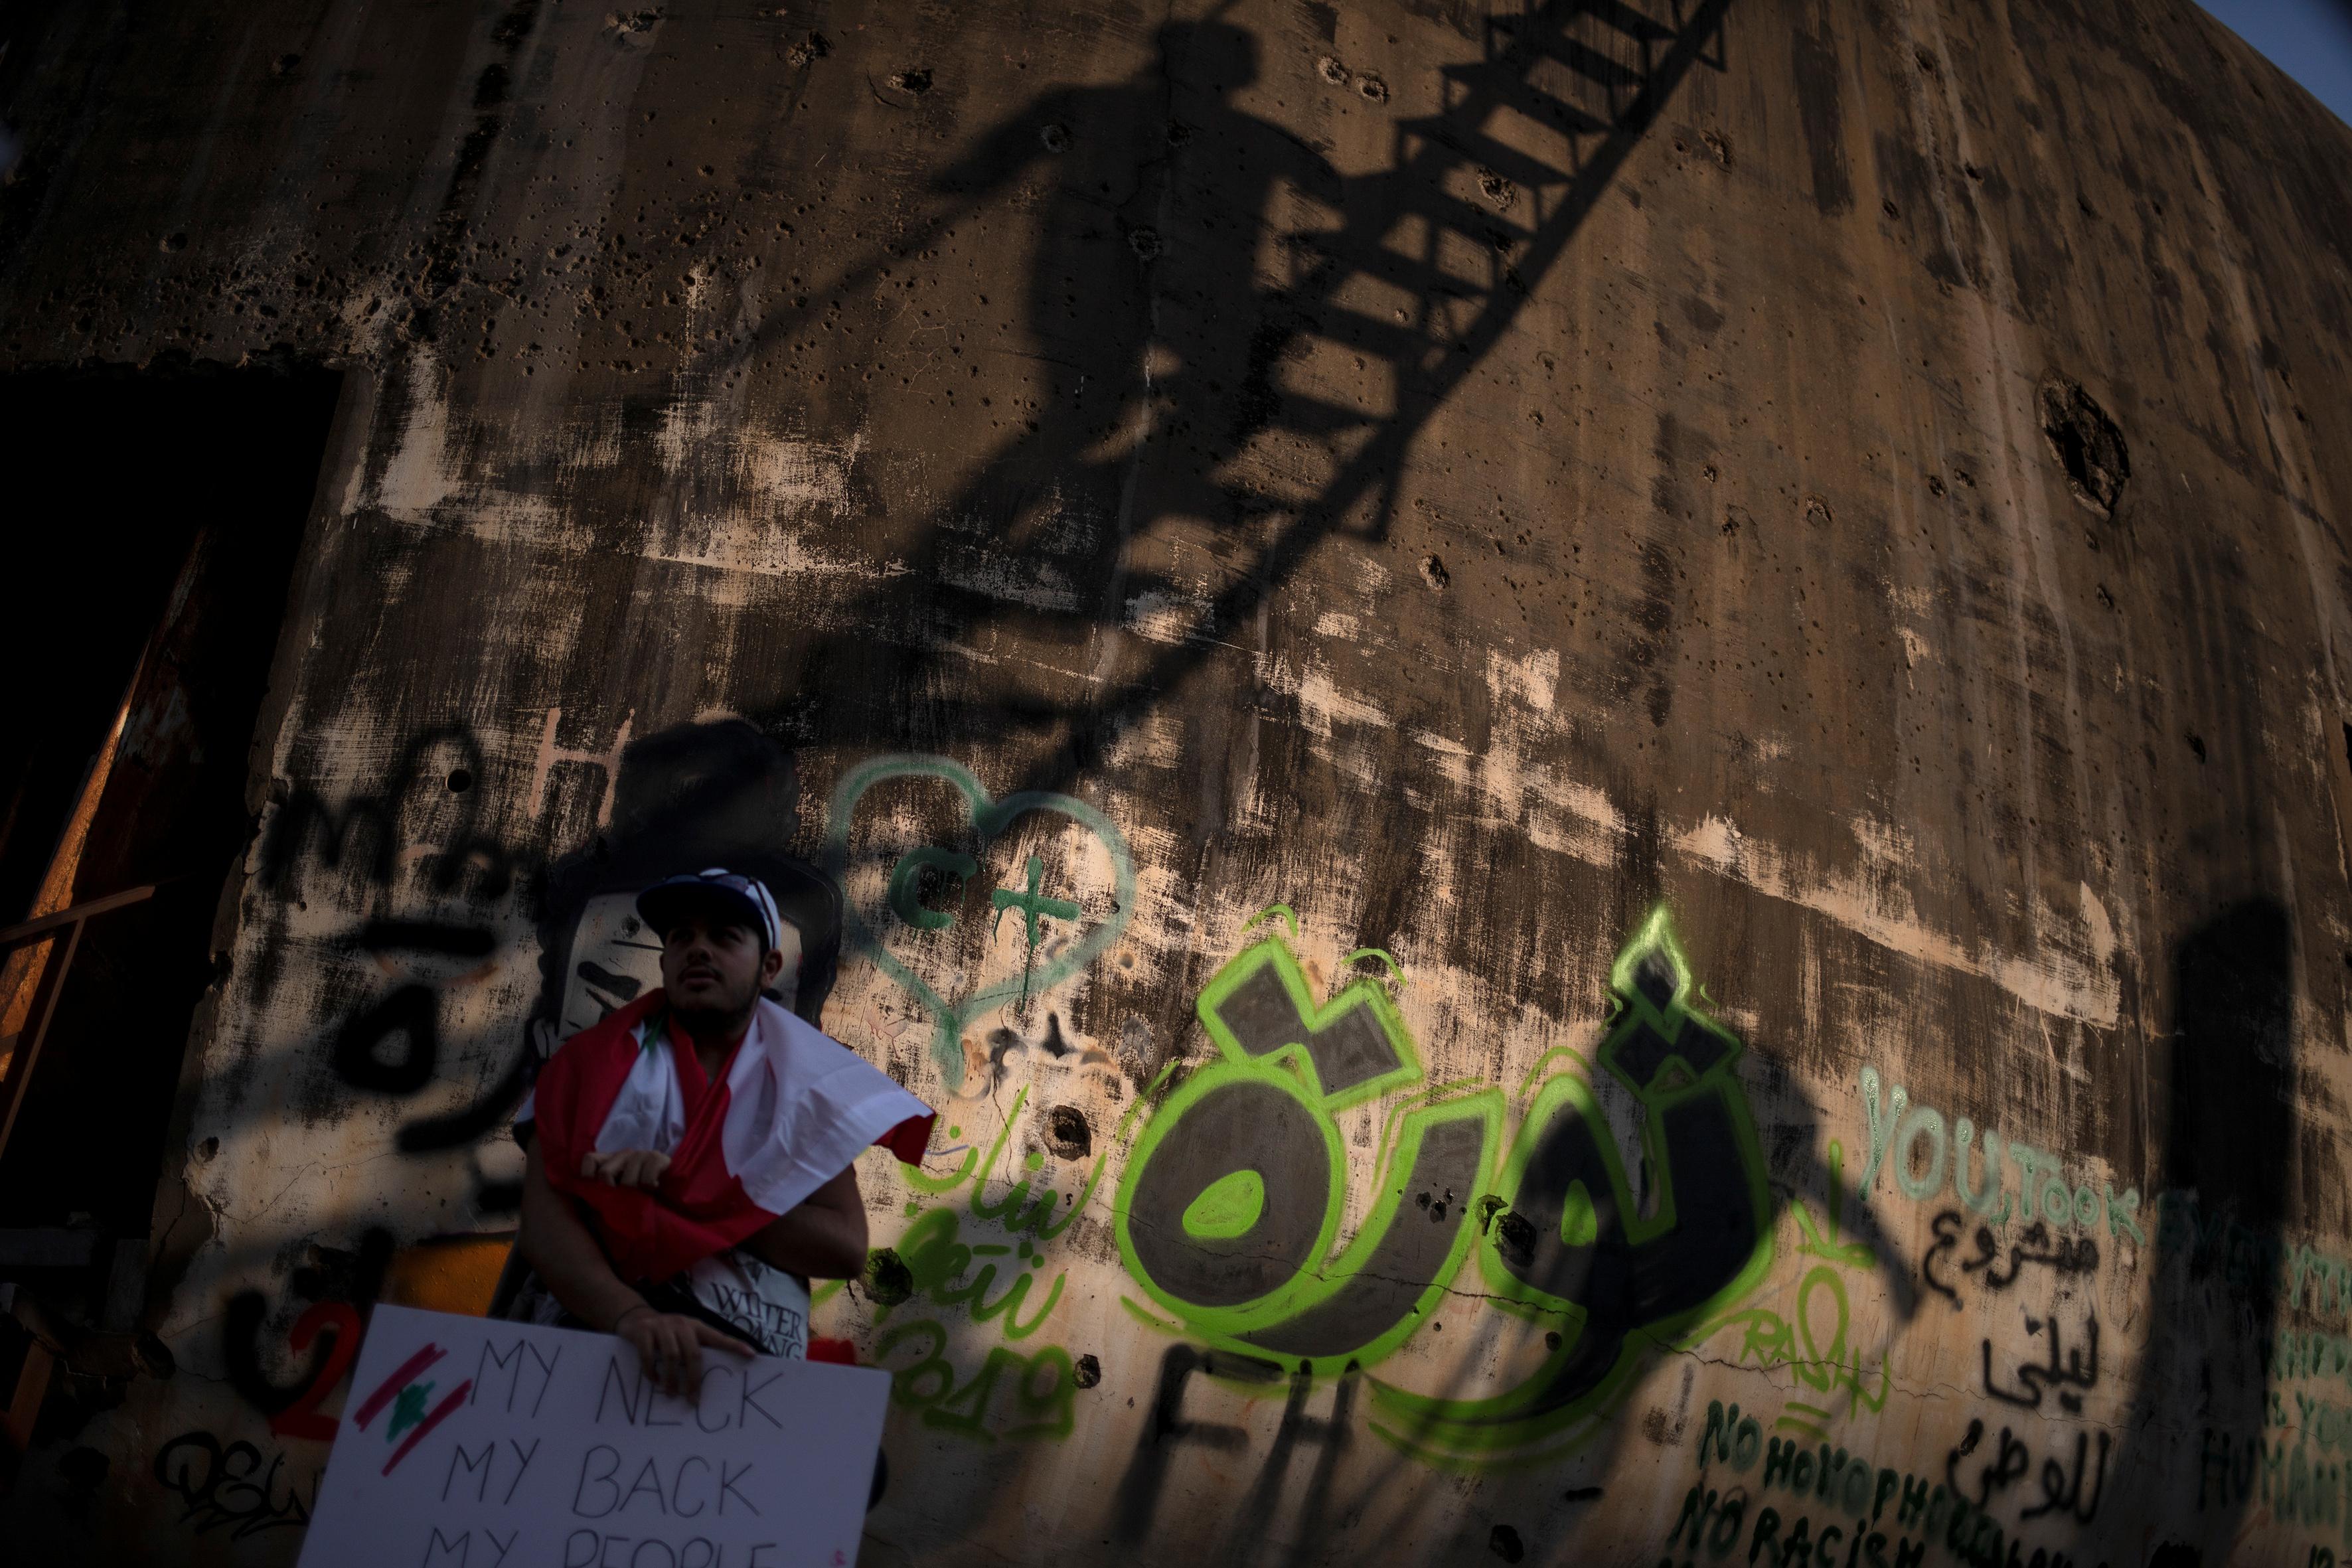 مواطن لبنانى يقف امام حائط مكتوب علية كلمة ثورة